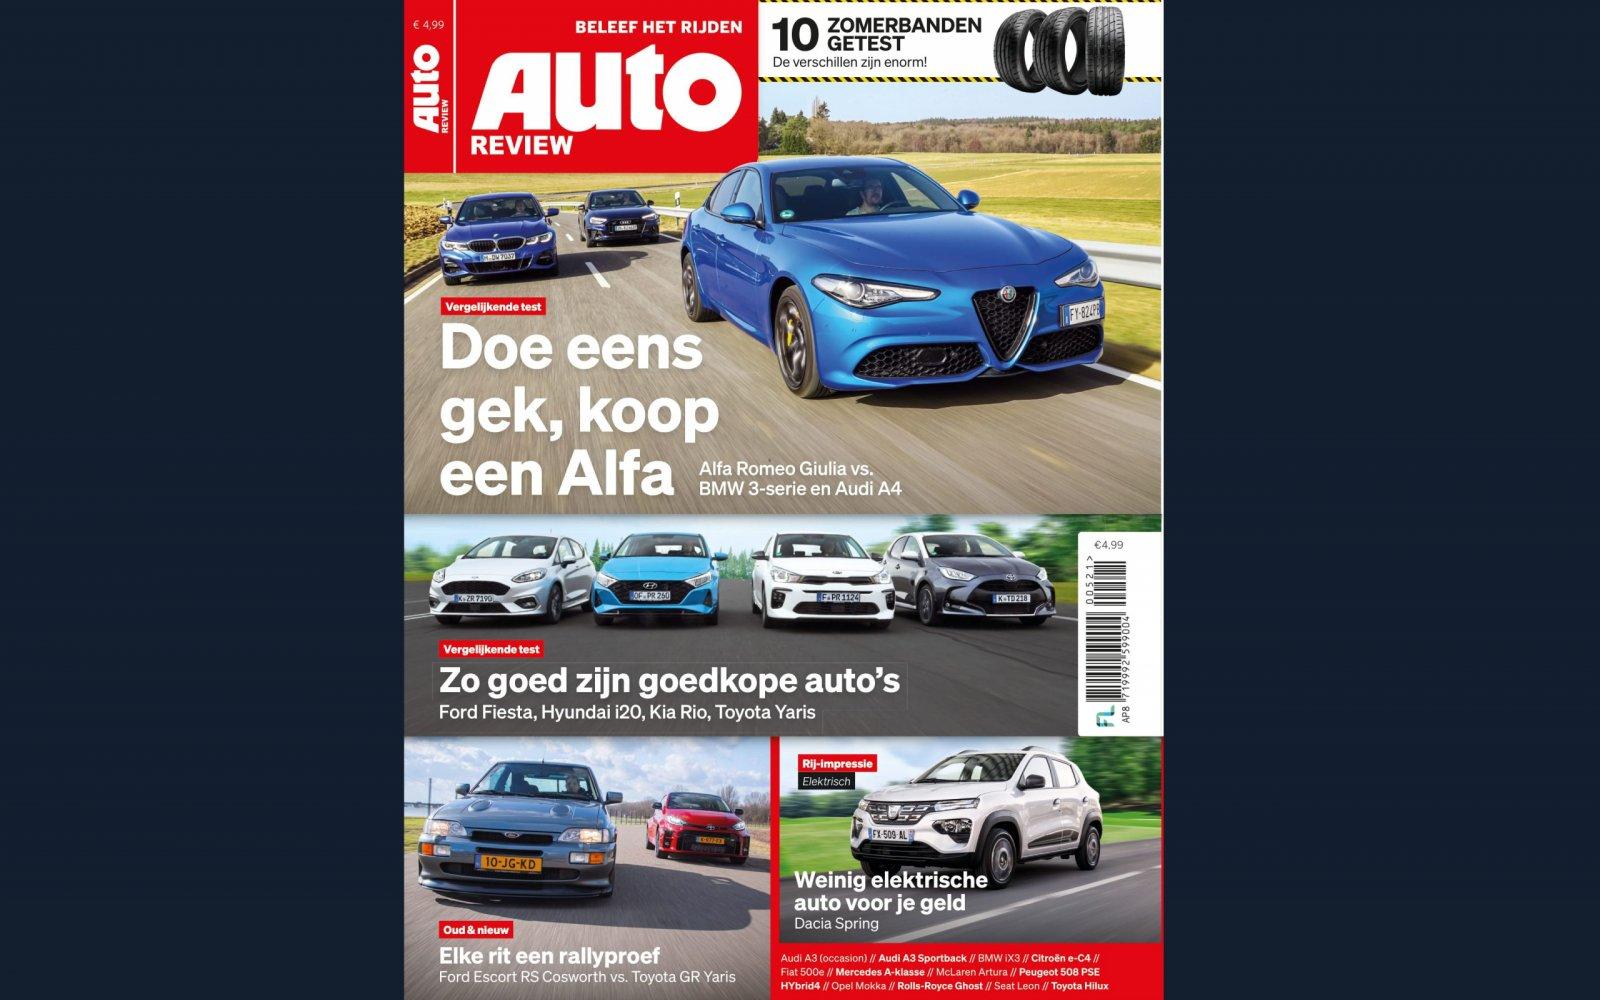 Win geweldige prijzen! Op 1 juni verandert Autowereld.com in Autoreview.nl